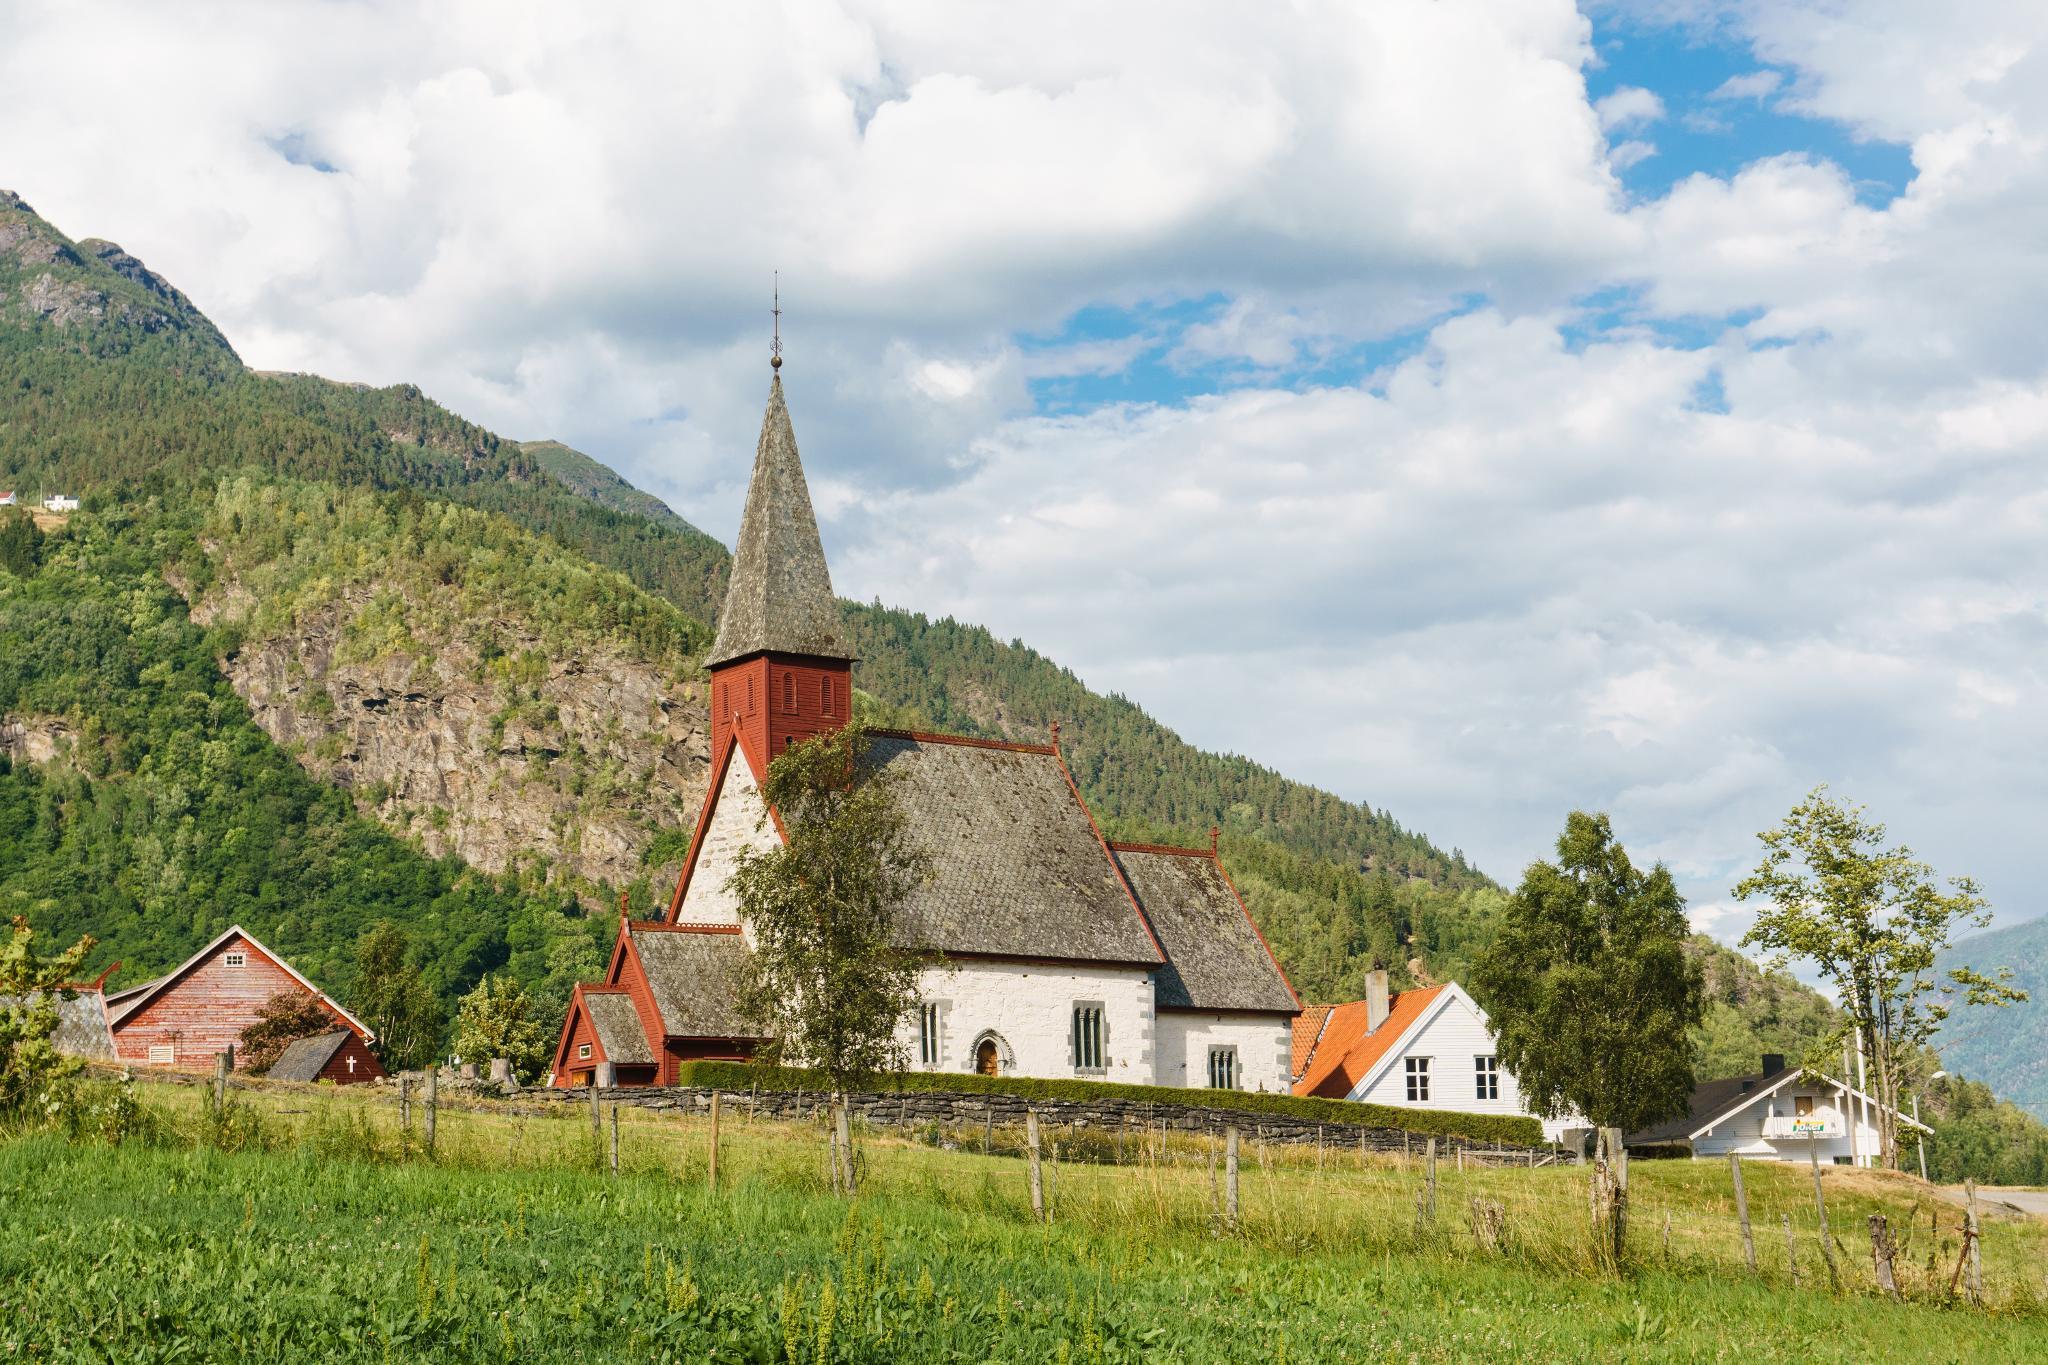 【北歐景點】穿越挪威的屋脊 - 前進北歐最美的冰原景觀公路 Fv55松恩山路 (Sognefjellet) 39